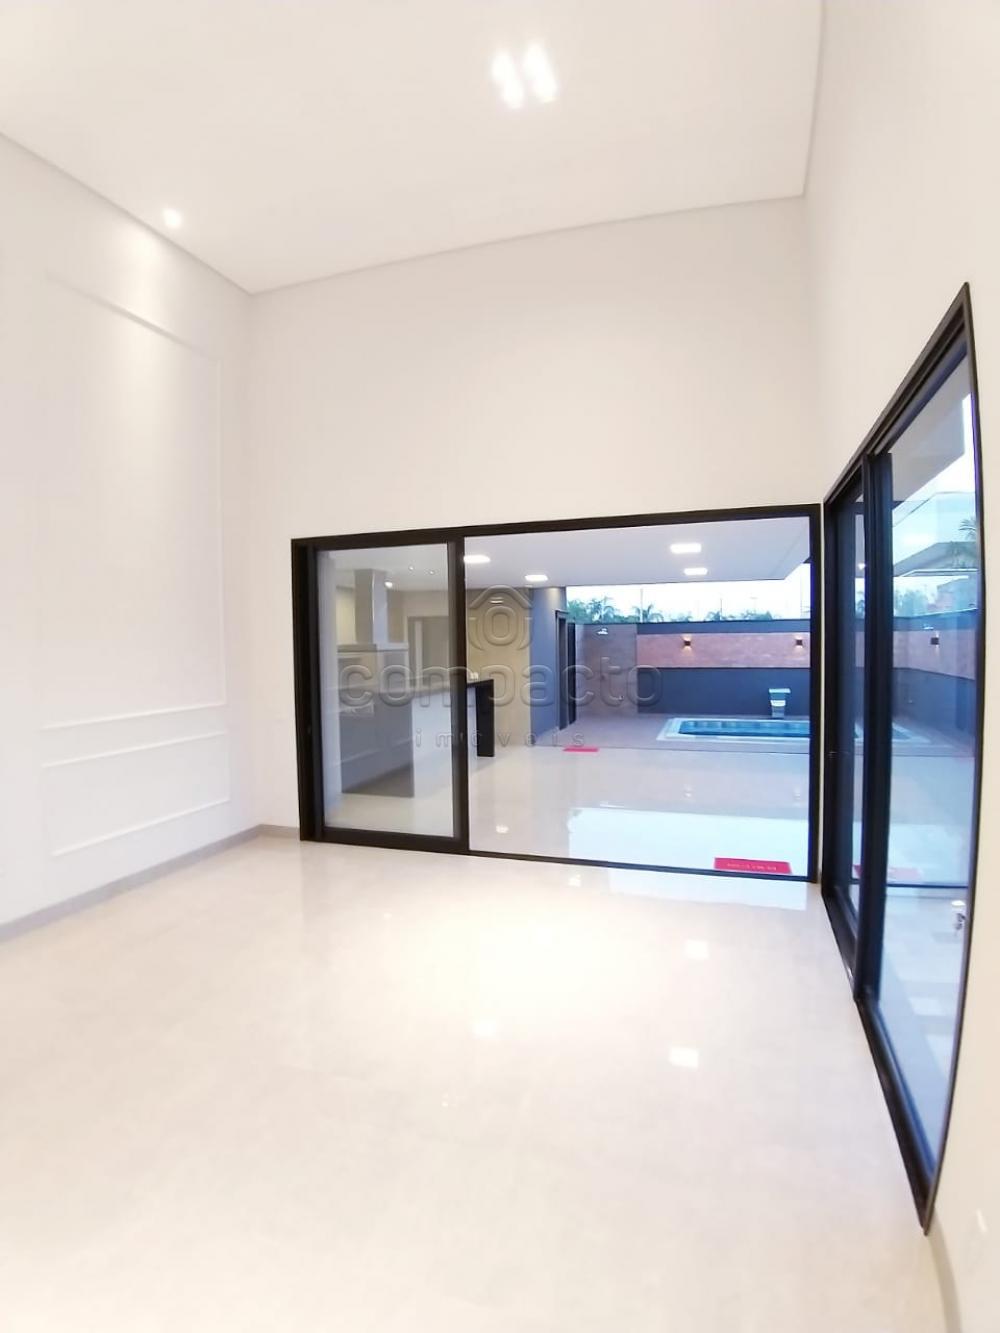 Comprar Casa / Condomínio em São José do Rio Preto apenas R$ 1.250.000,00 - Foto 3